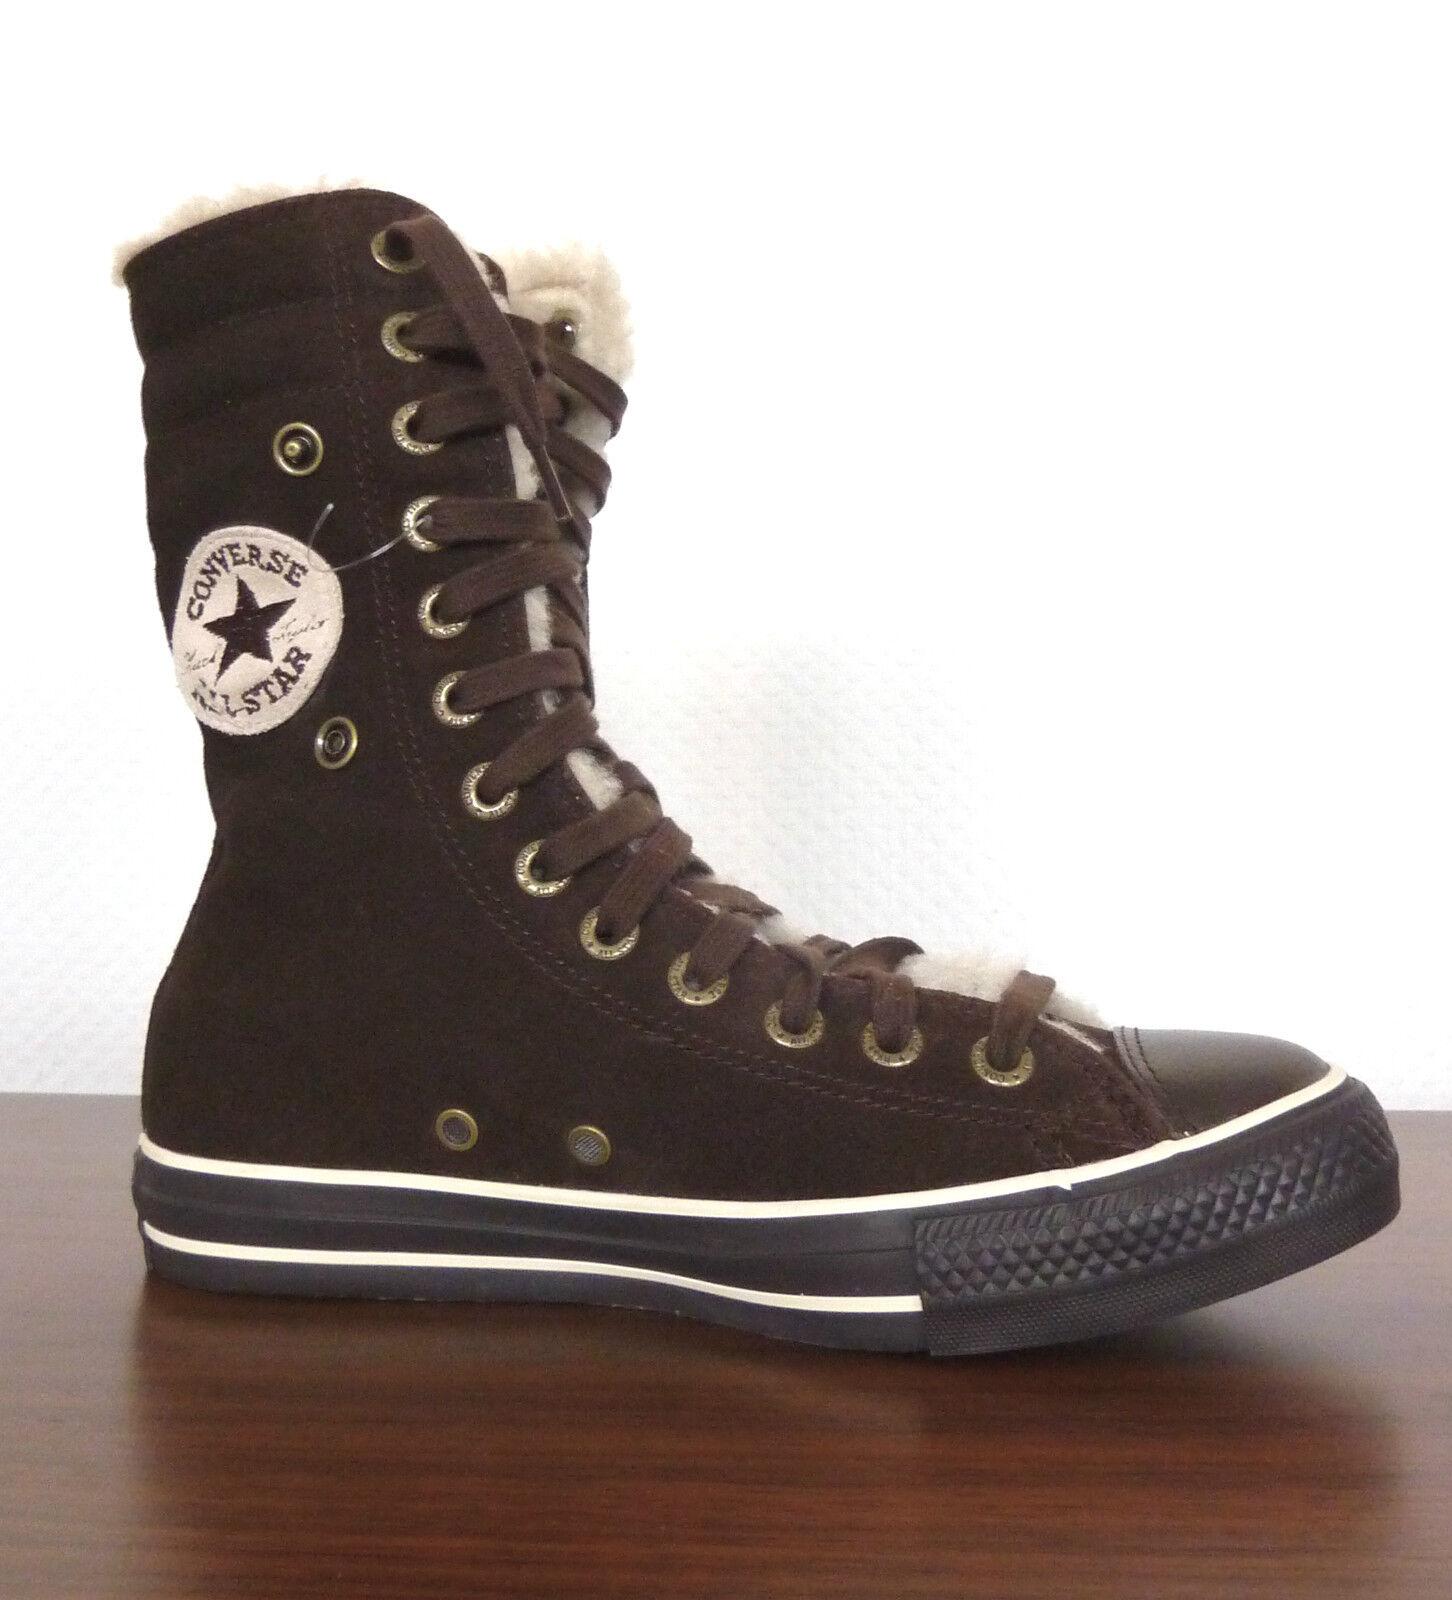 Neu All Star Converse Chucks Hi Damen Herren Leder Leather versch. Modelle